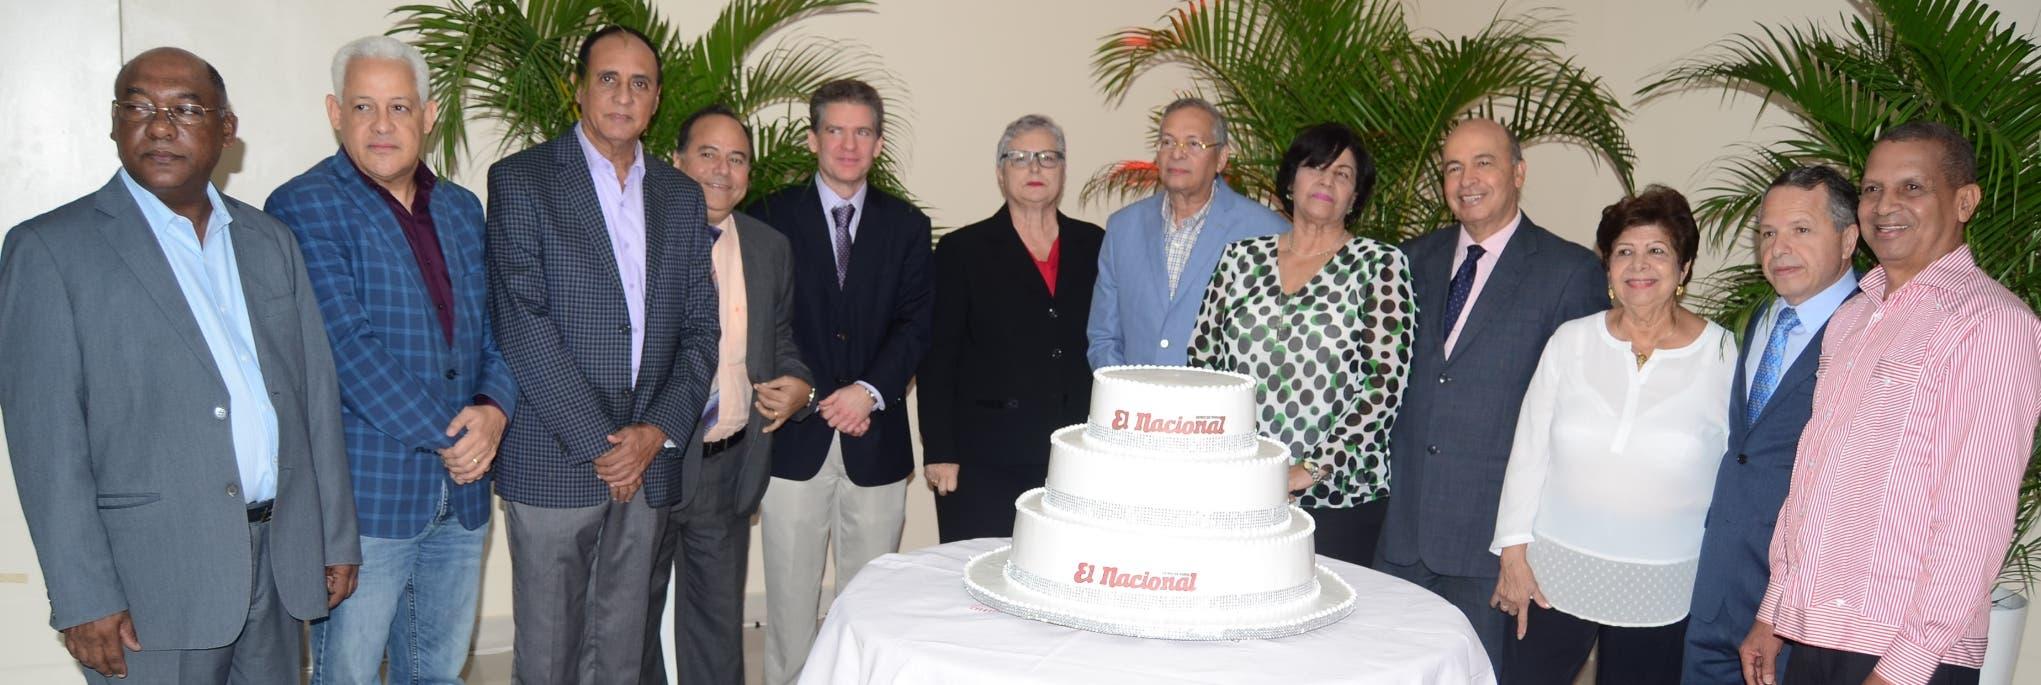 La celebración estuvo encabezada por los principales ejecutivos de prensa y de  administración del rotativo que circula  en horas de la tarde desde el año 1966.